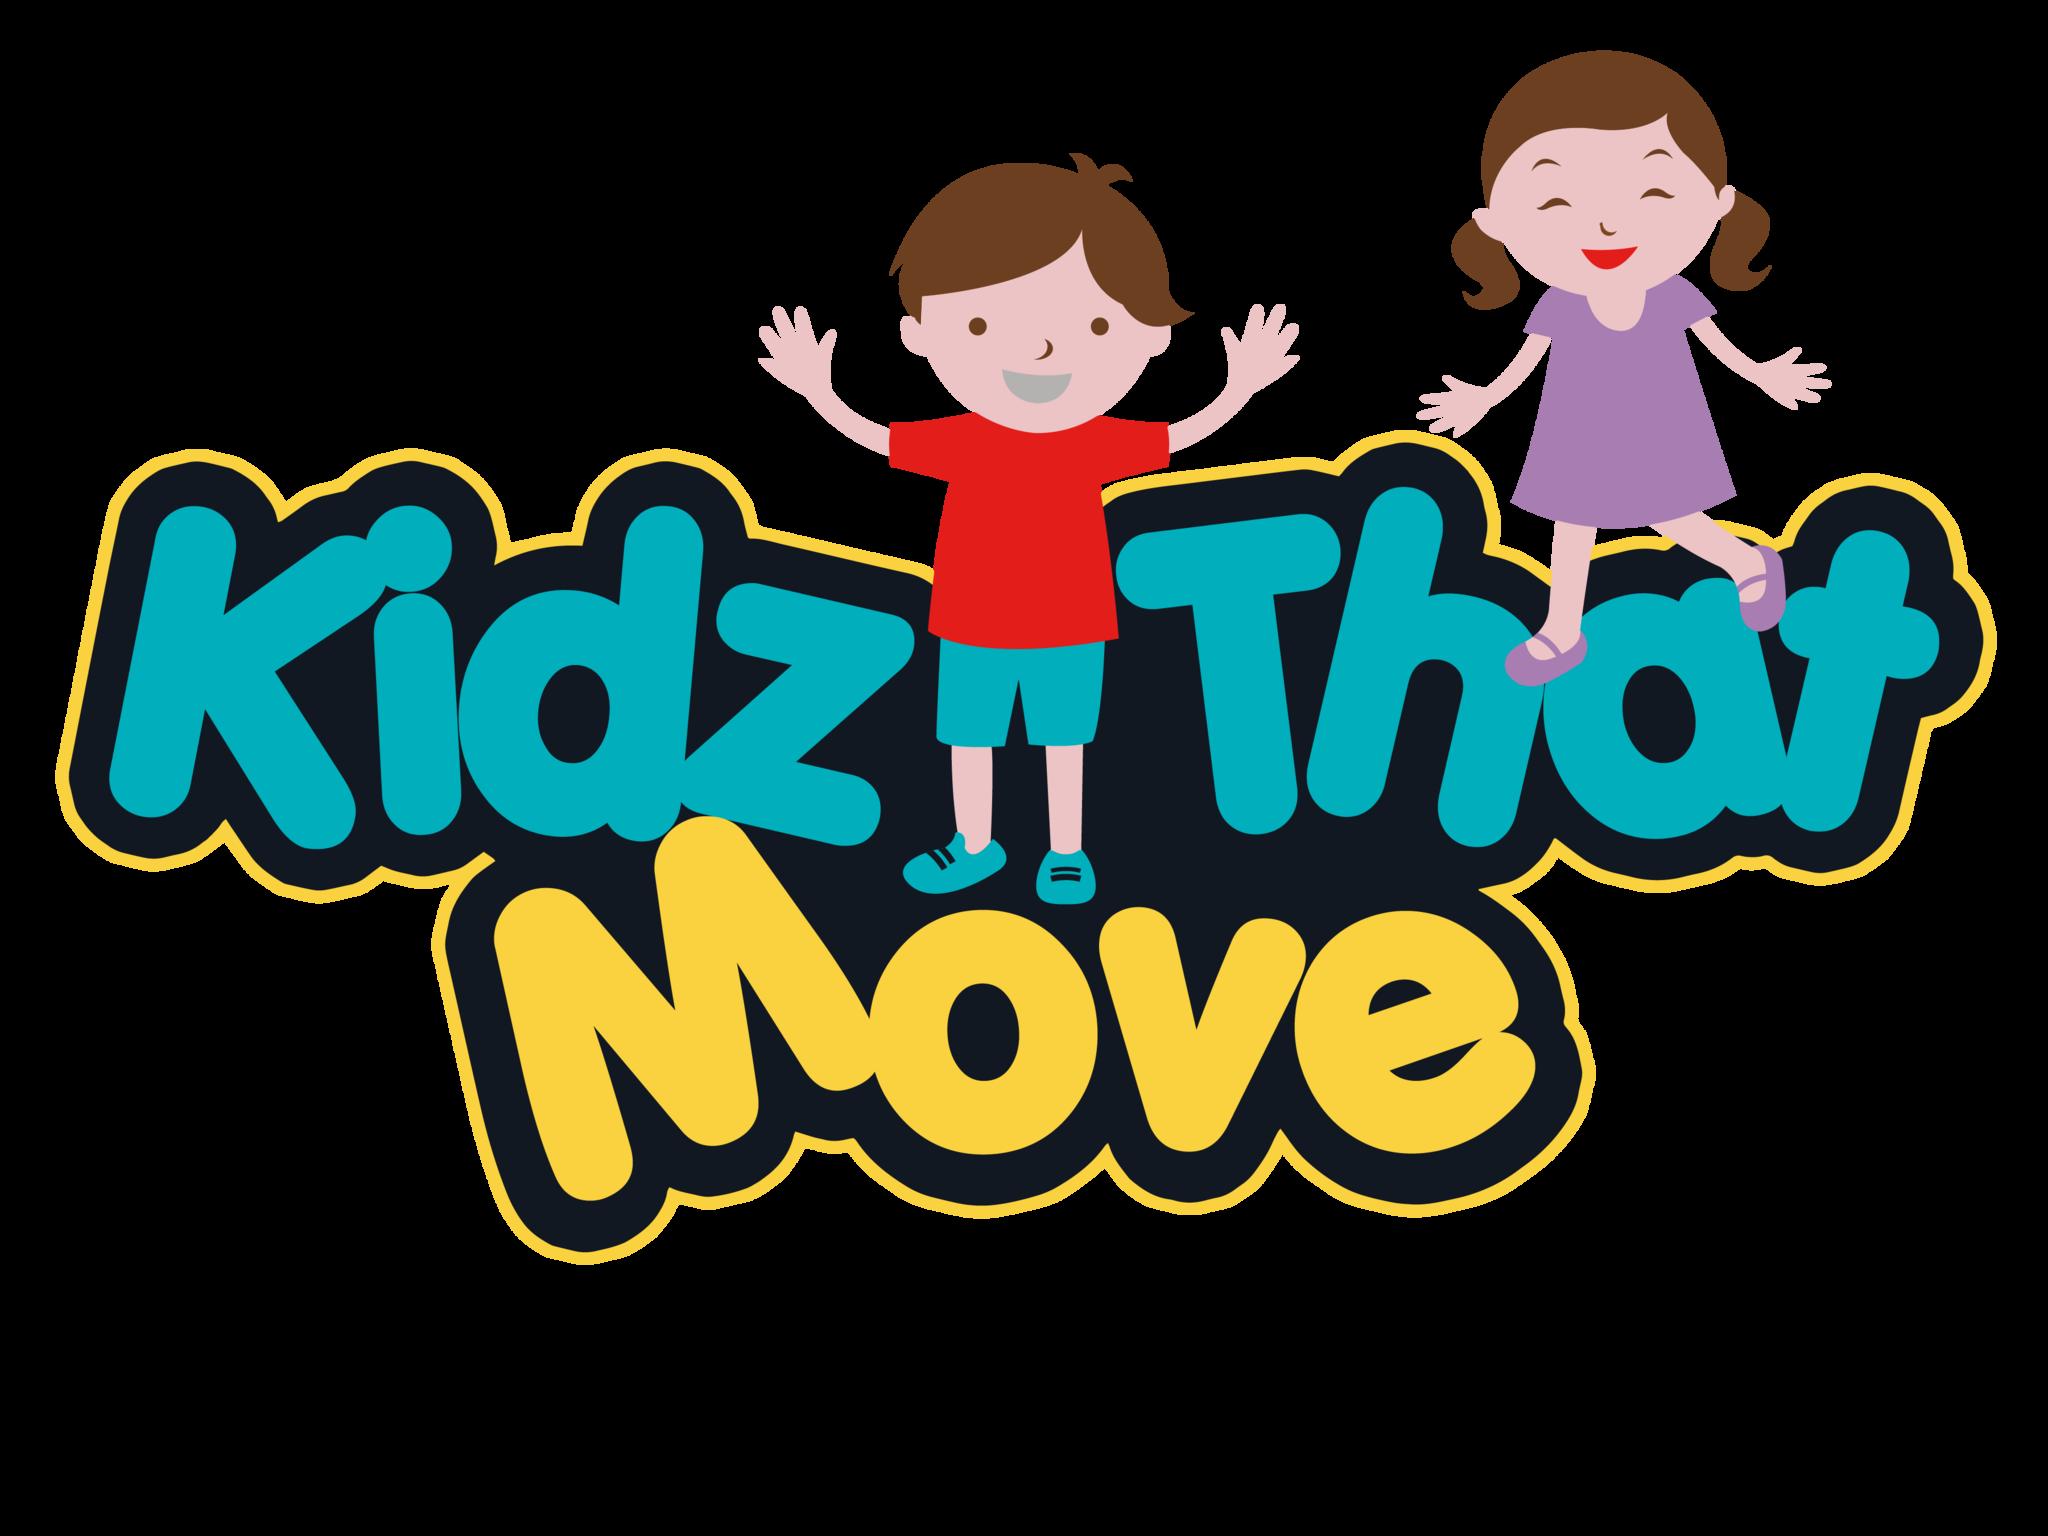 Movement clipart gym activity. Kidz that move